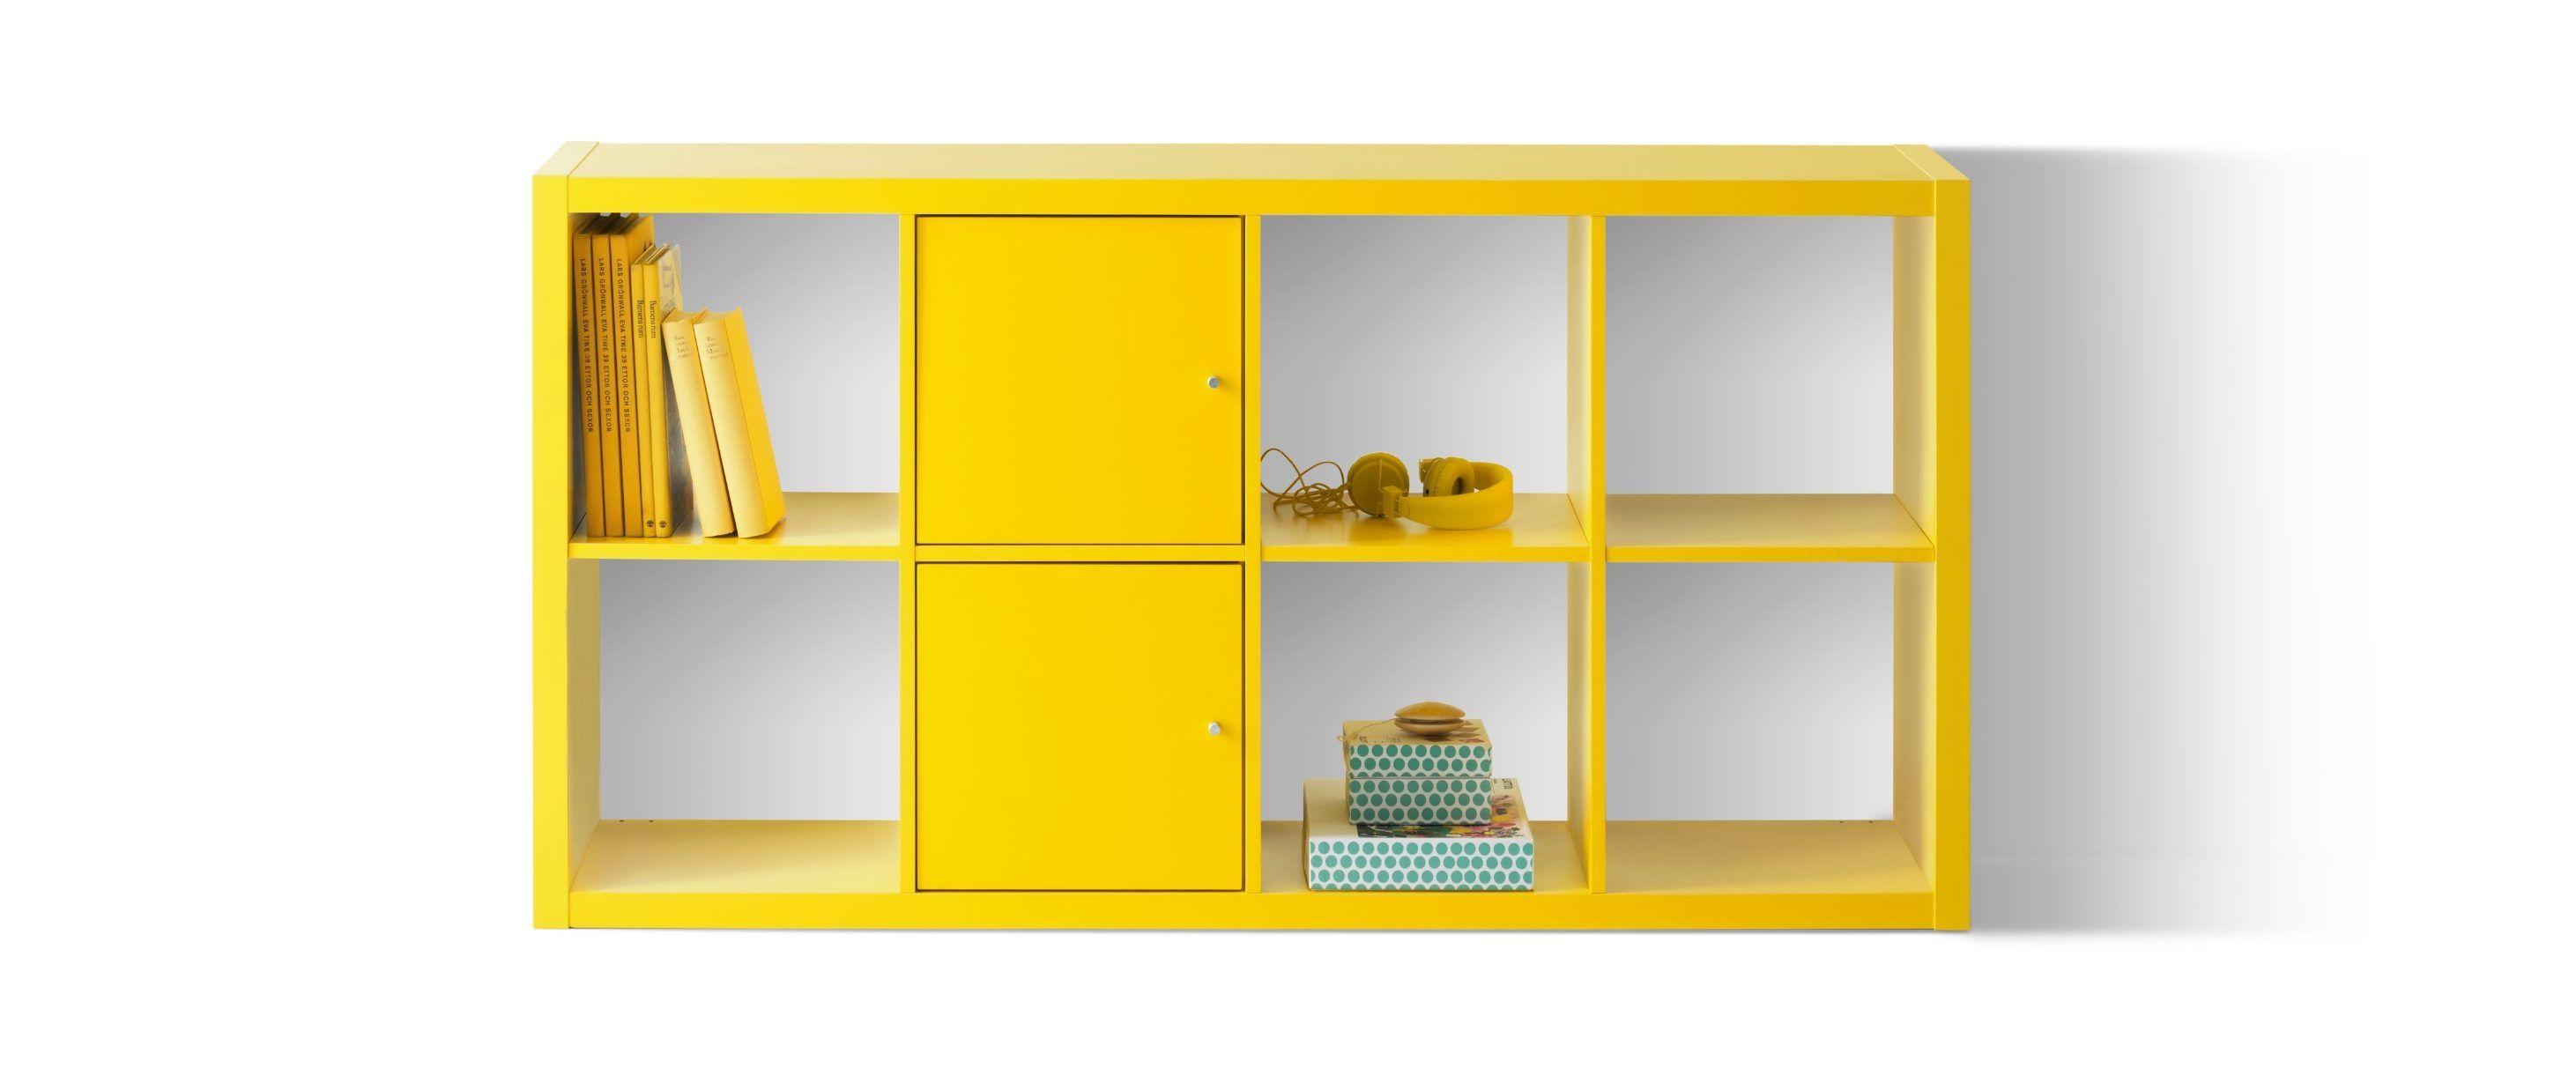 Ikea in arrivo la nuova visione di arredamento bigodino - Casa delle bambole ikea ...